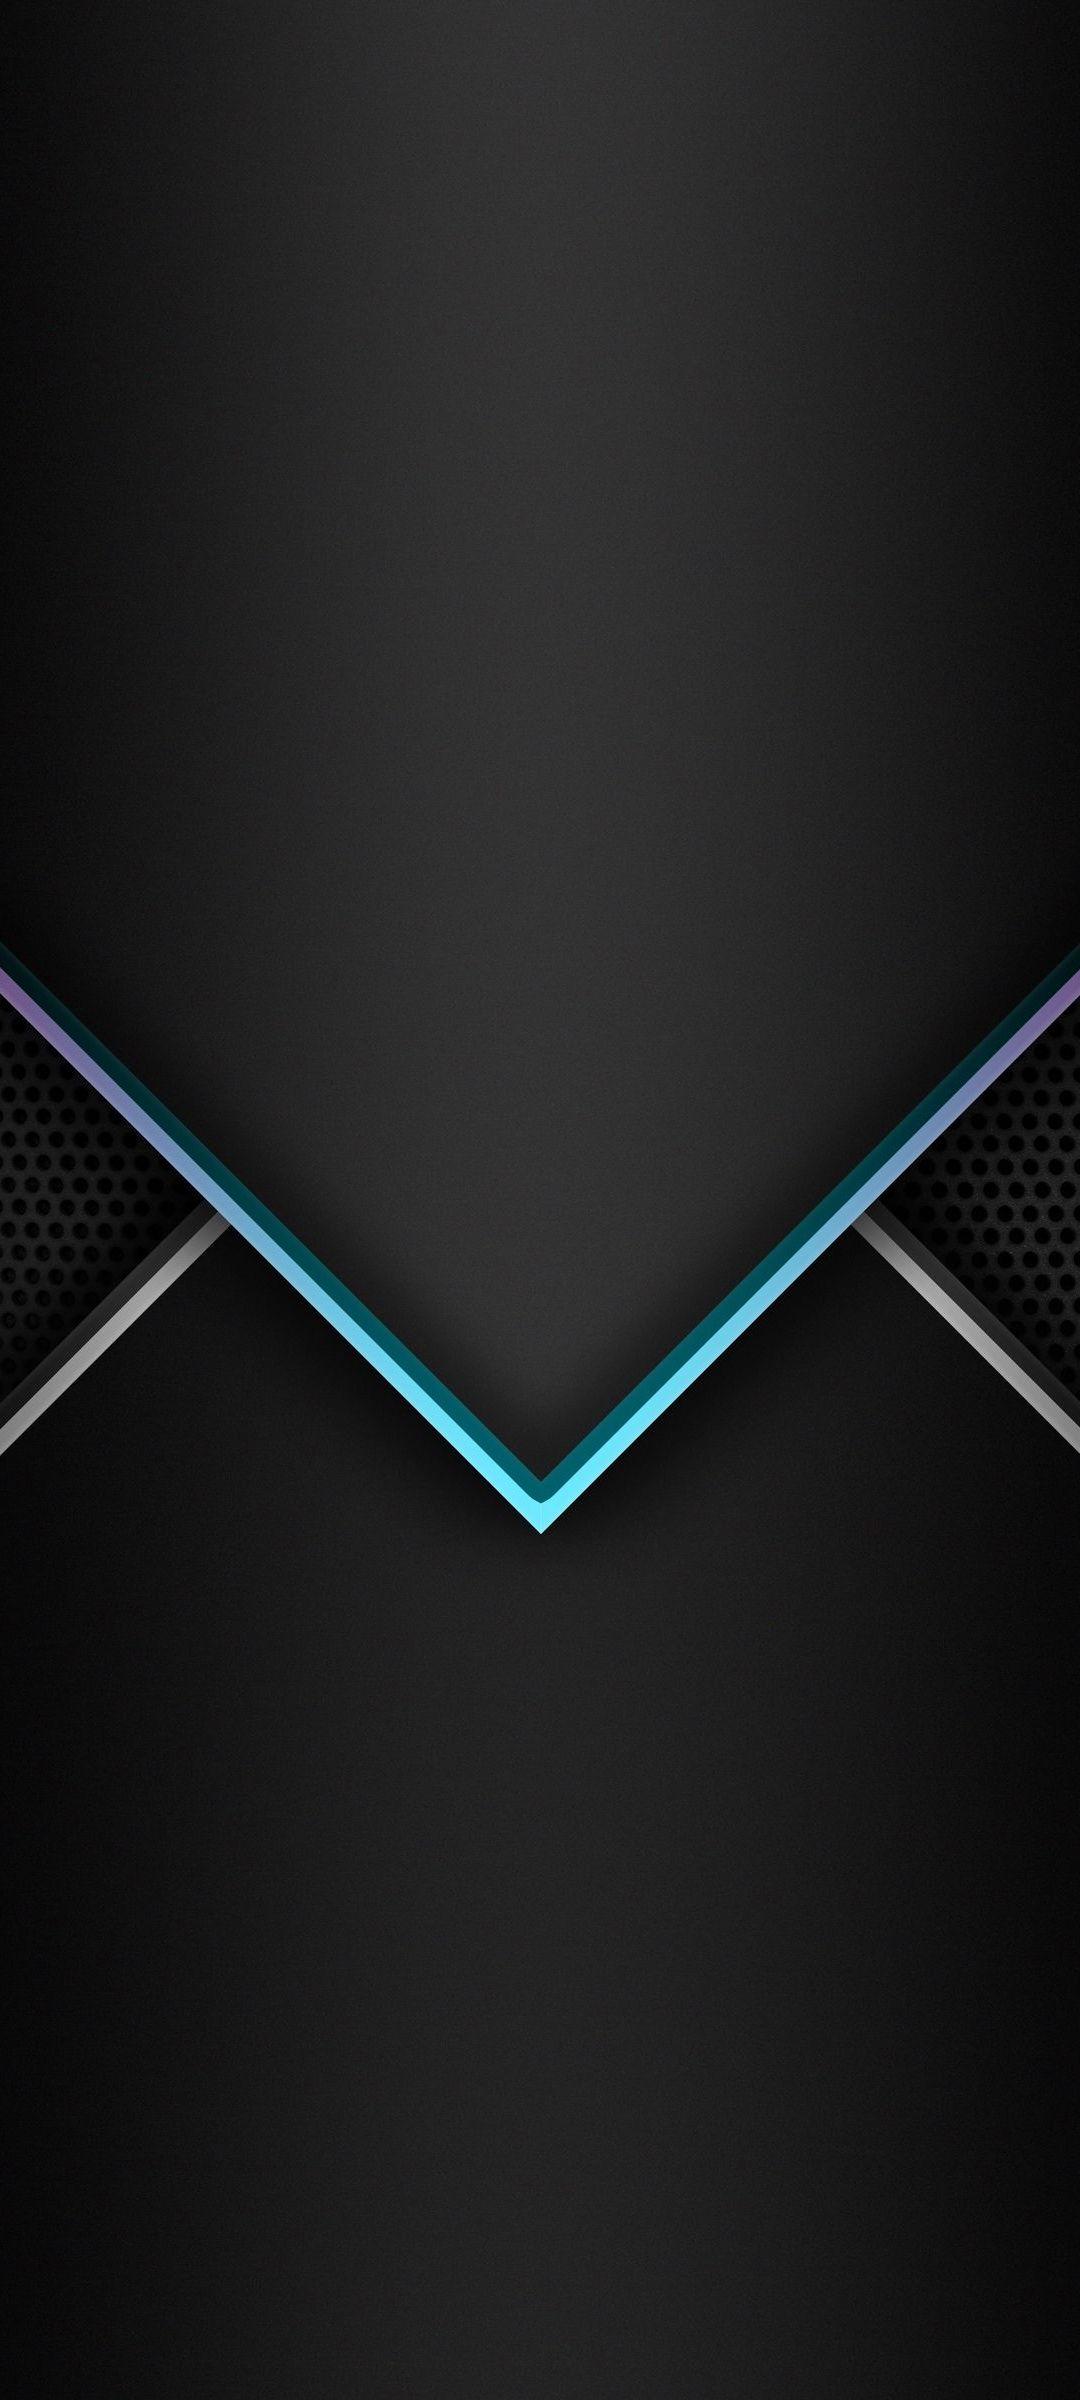 シンプル 青と白の矢印 黒の背景 Zenfone 7 Androidスマホ壁紙 待ち受け スマラン